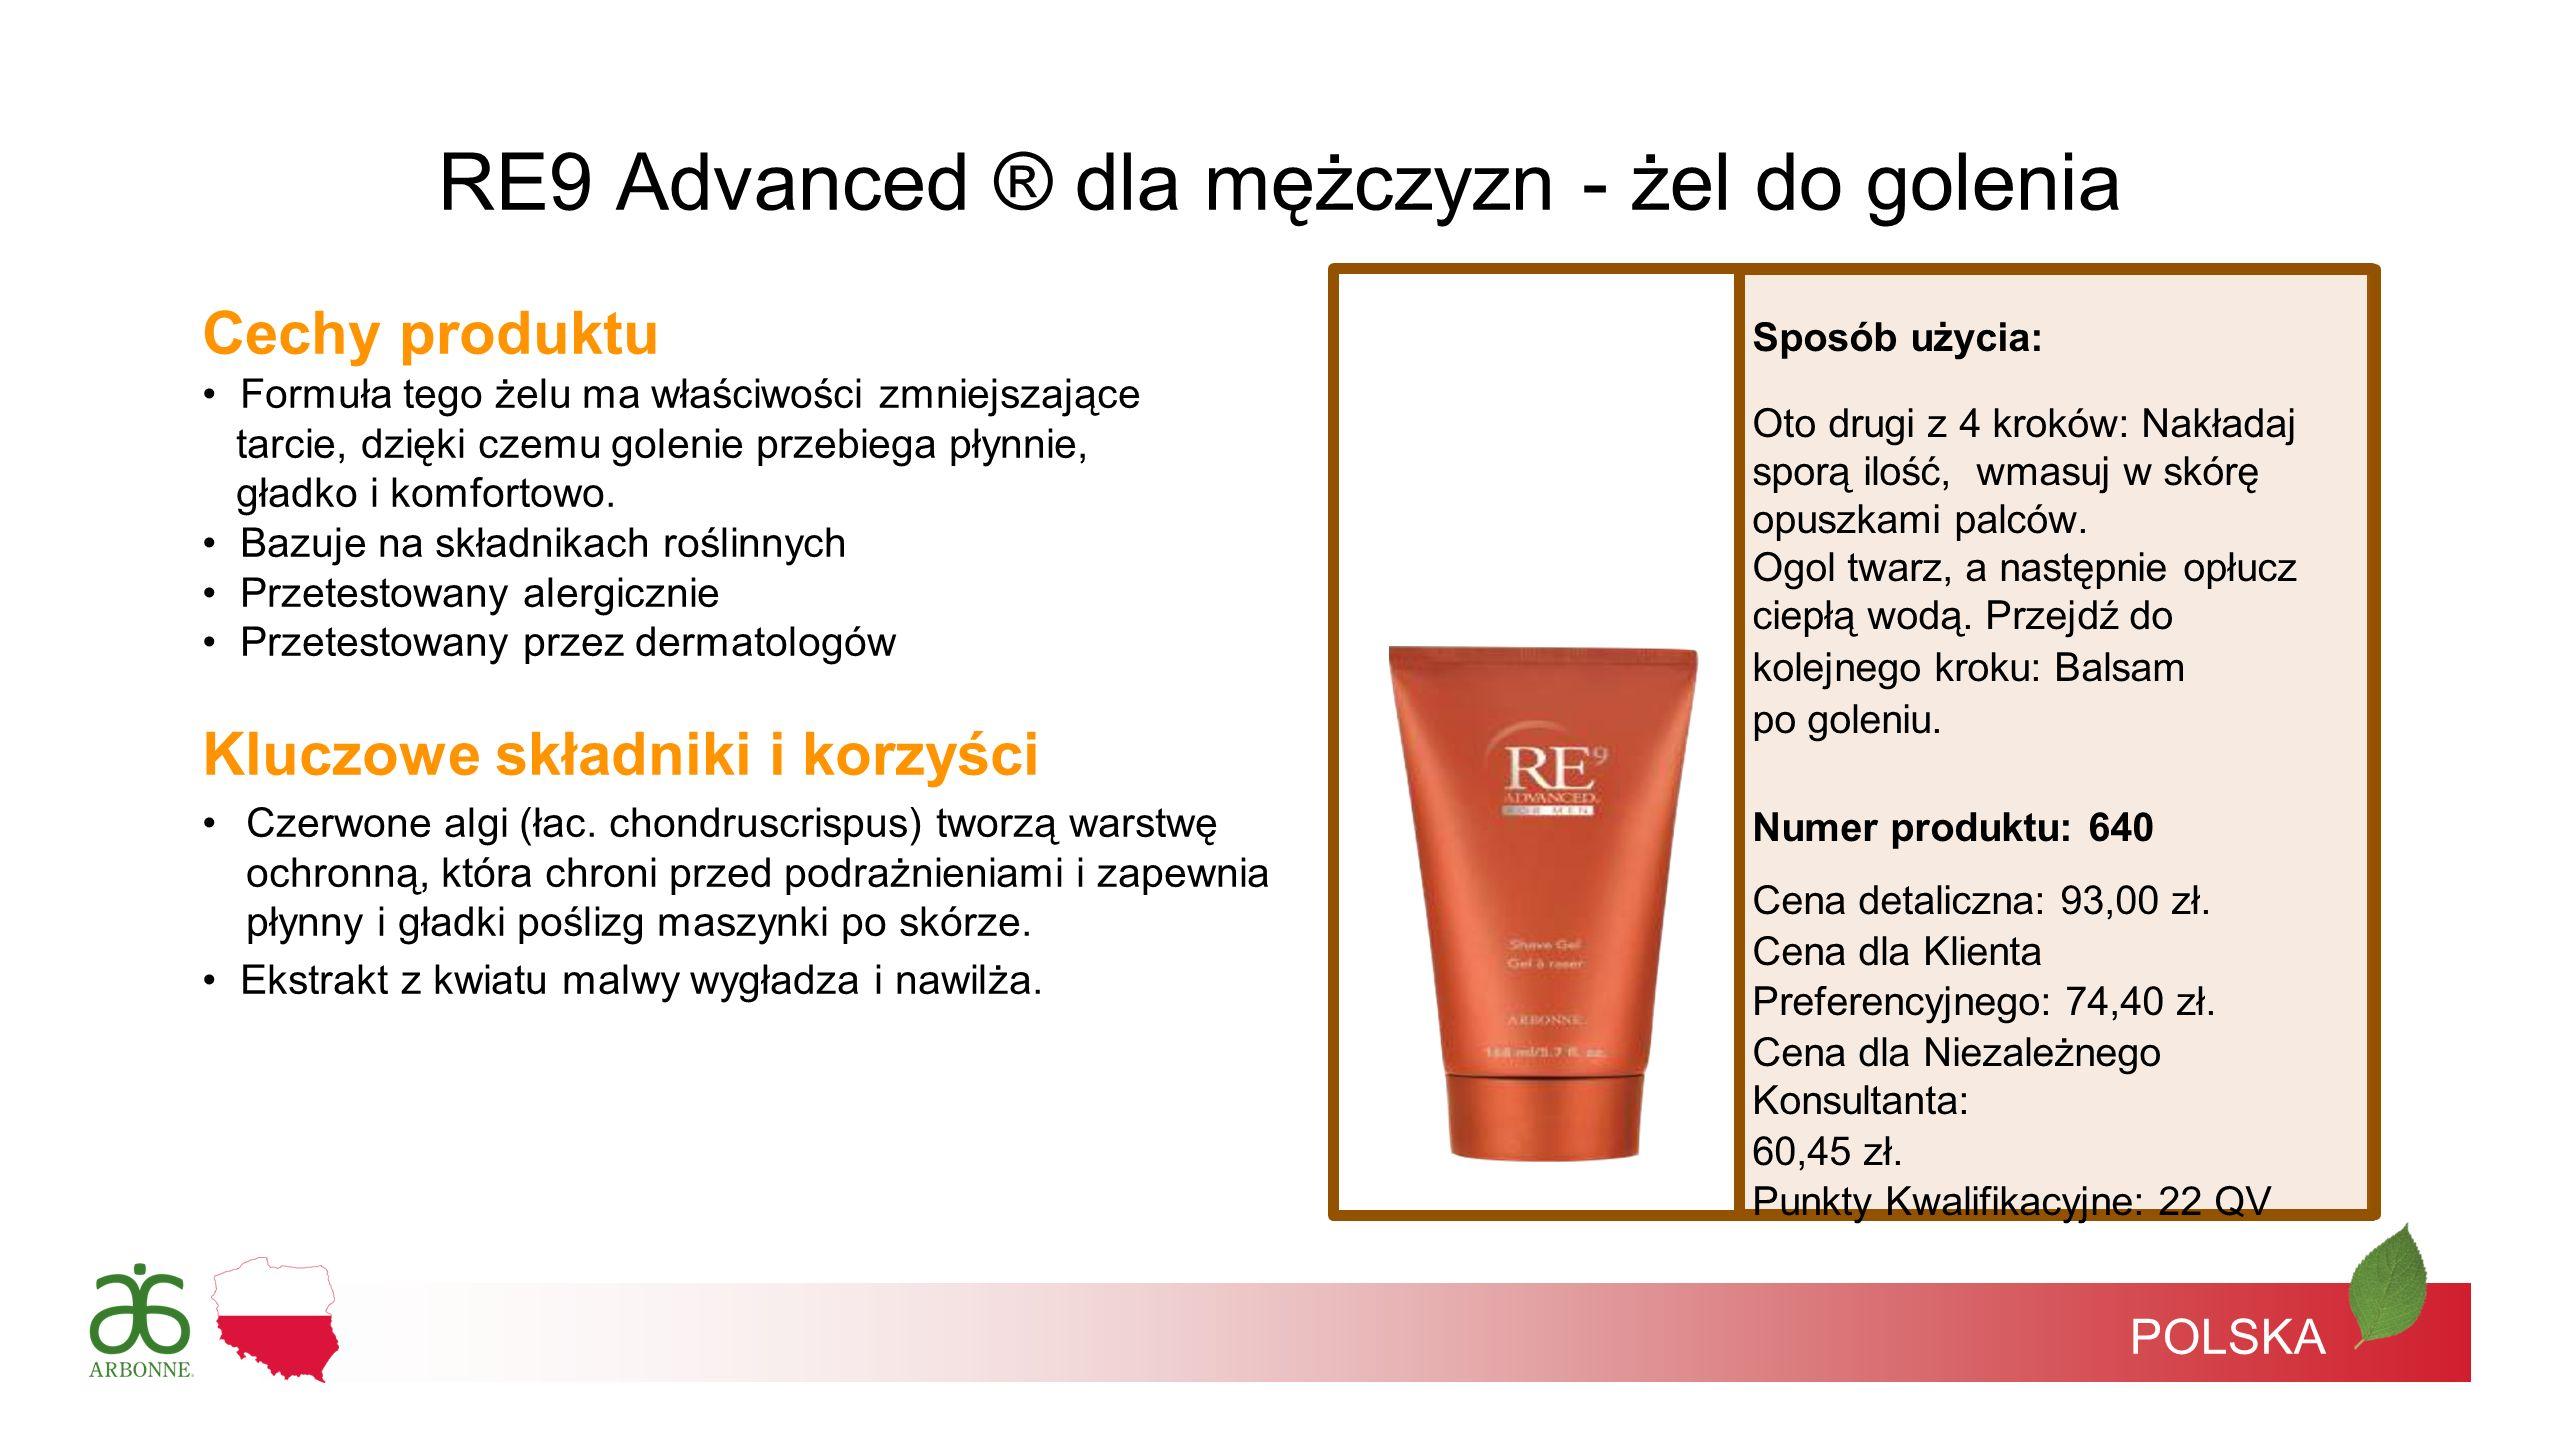 RE9 Advanced ® dla mężczyzn - żel do golenia